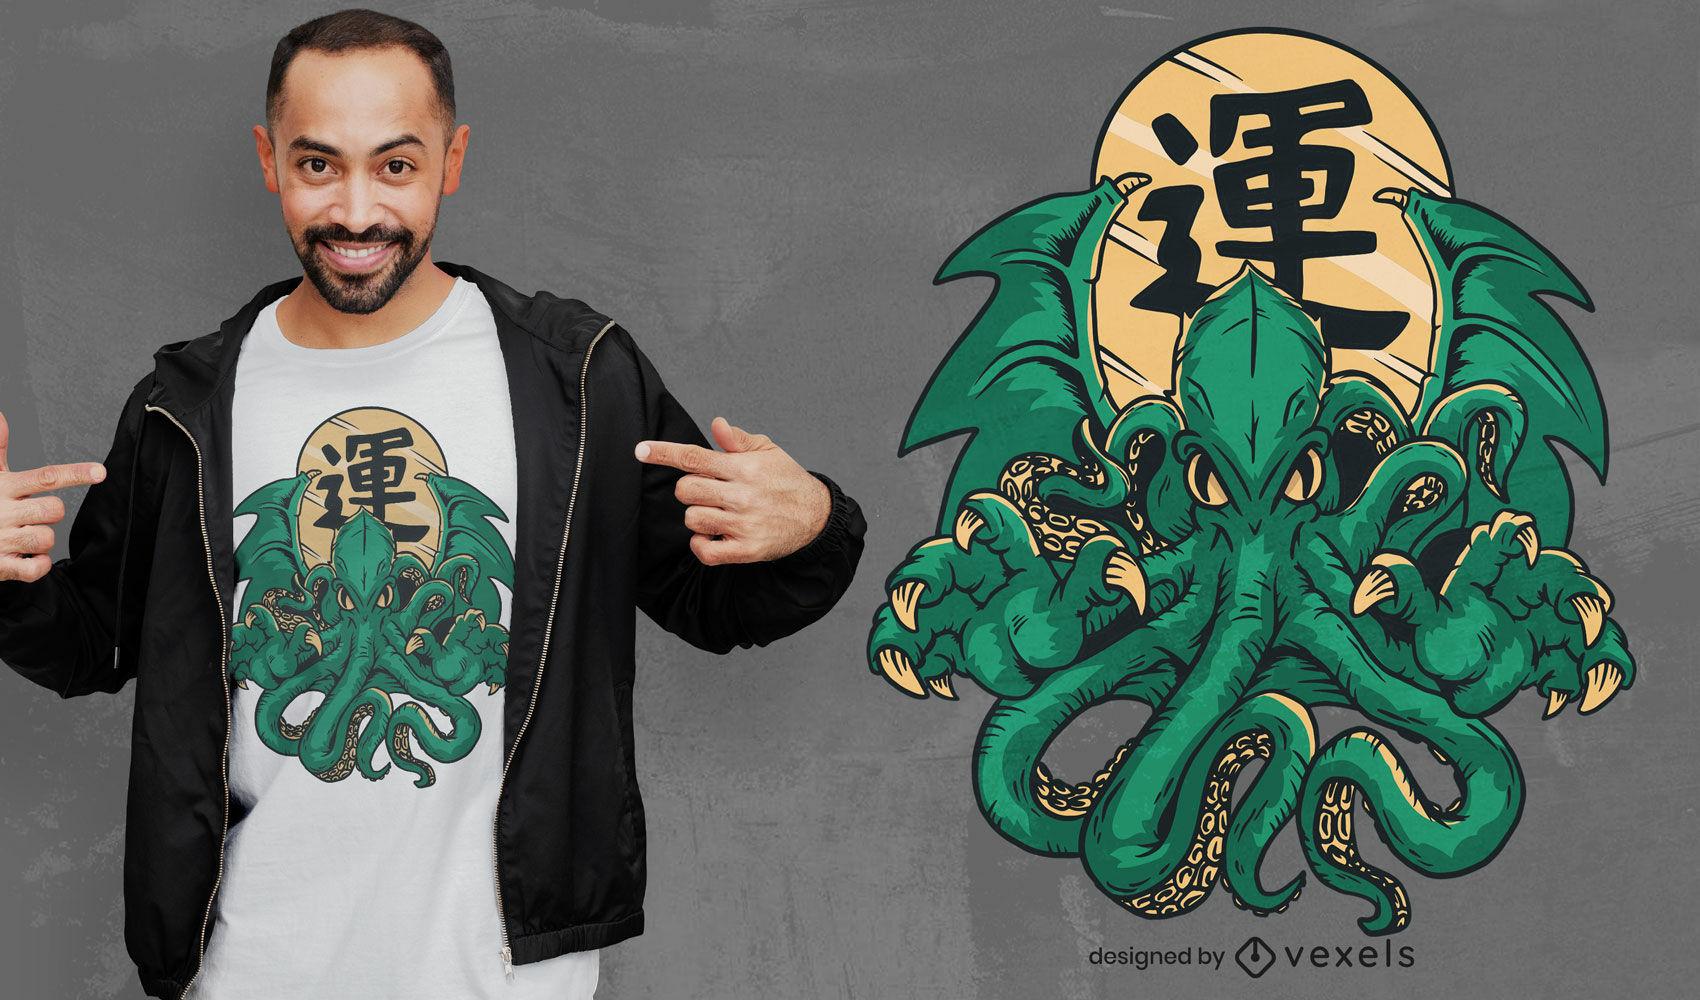 Cthulhu monster t-shirt design